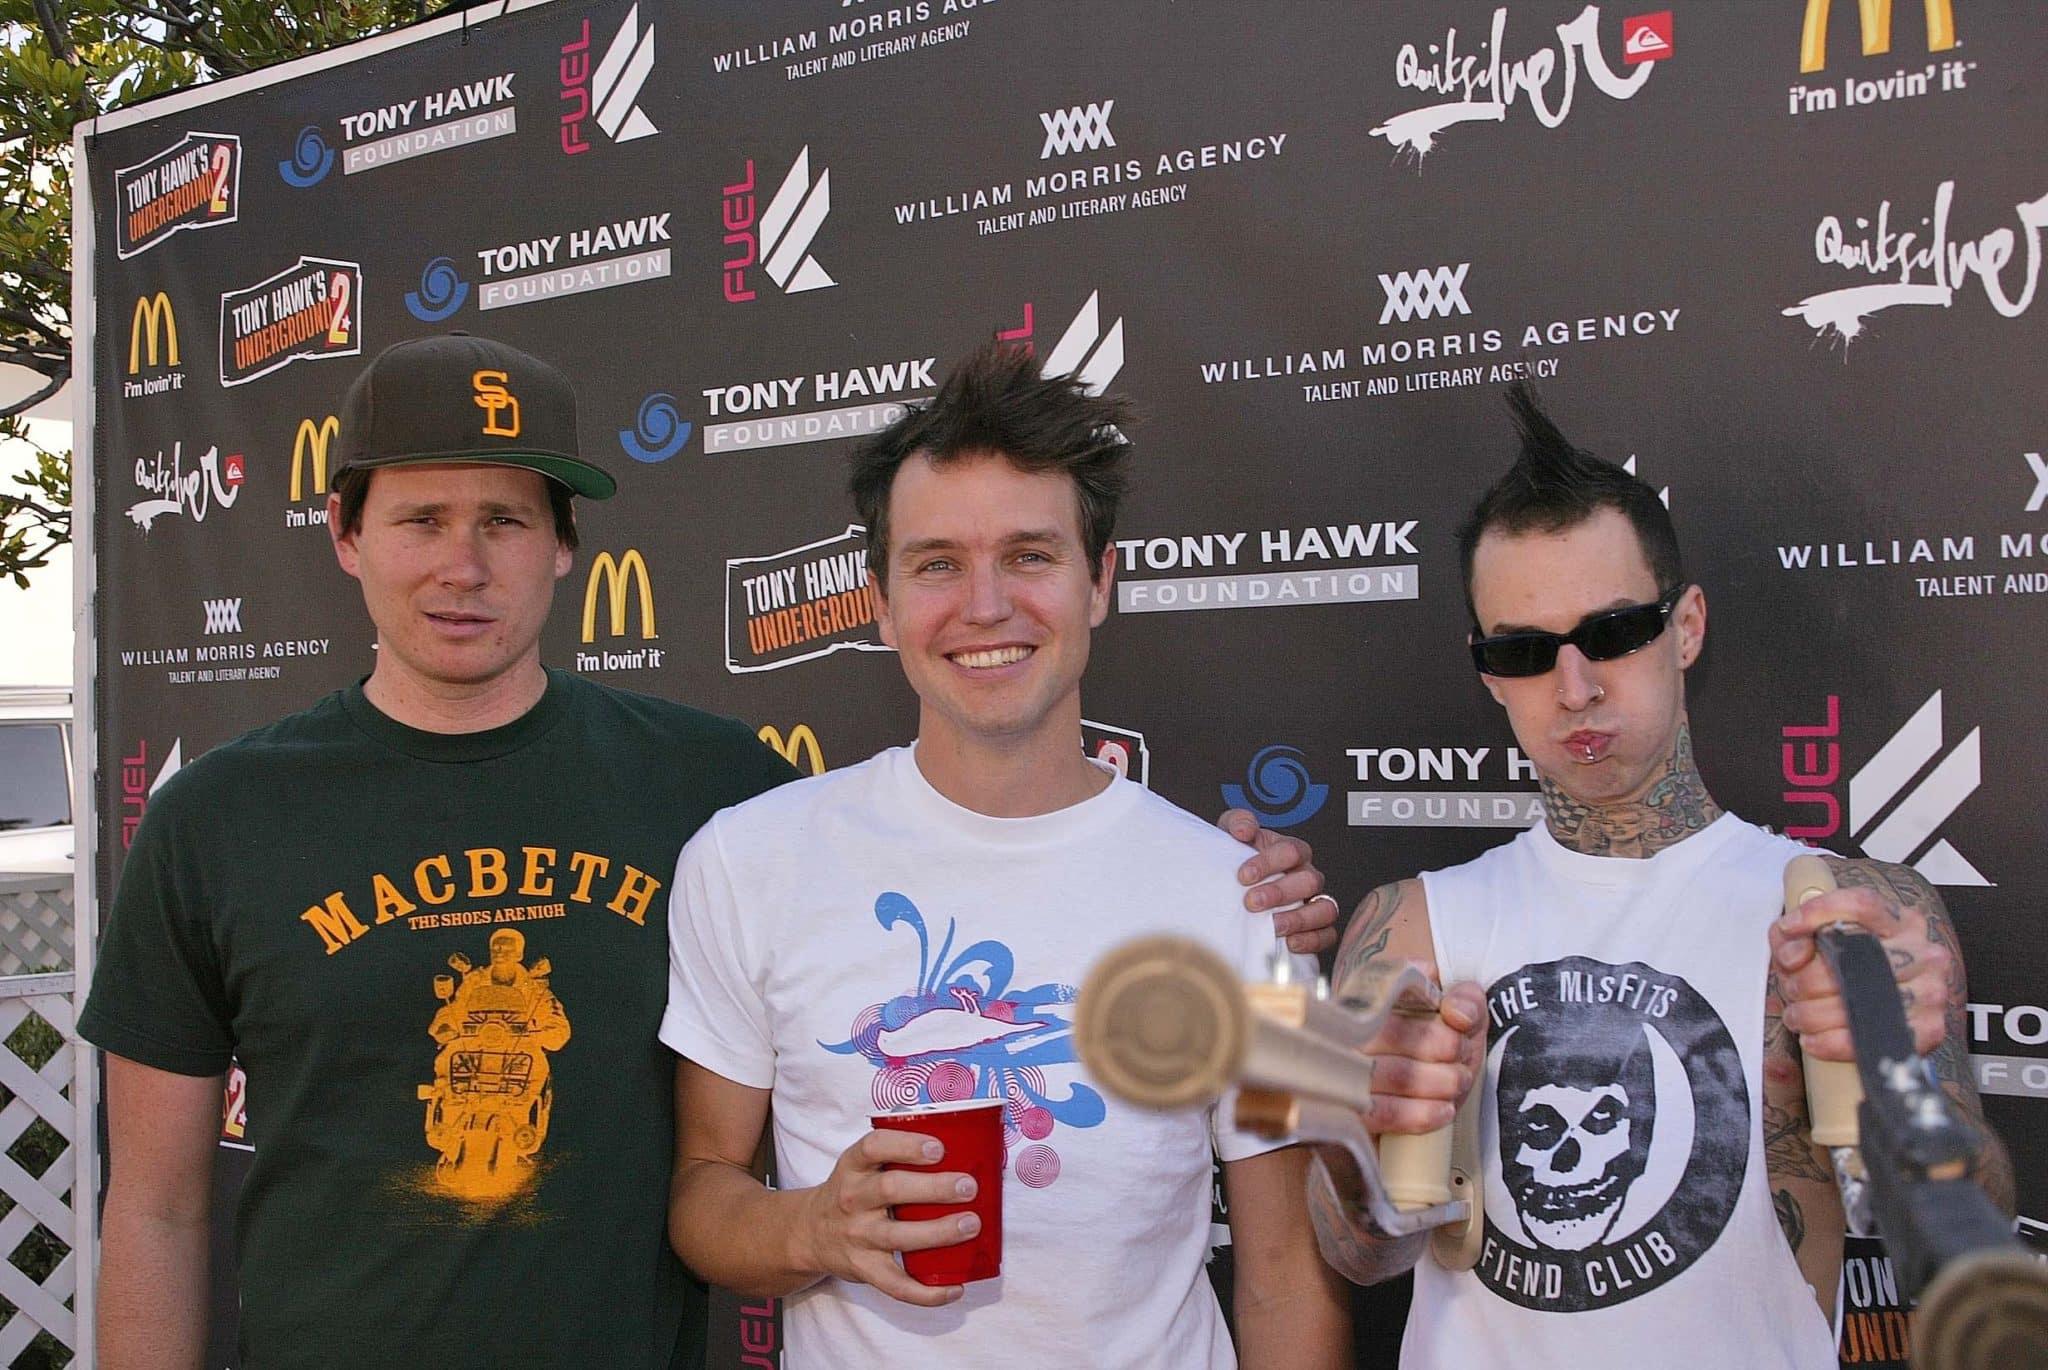 Moje oblíbená tříčlenná kapela z mládí, Blink 182. Poslouchám ji stále.